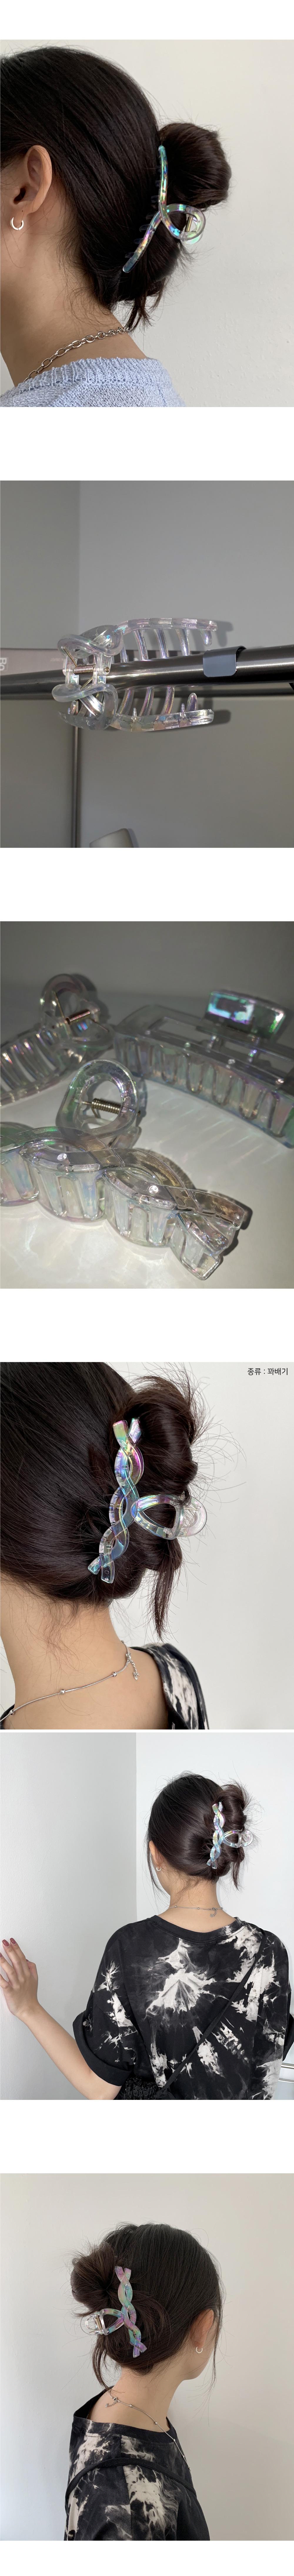 3種閃透壓克力髮夾